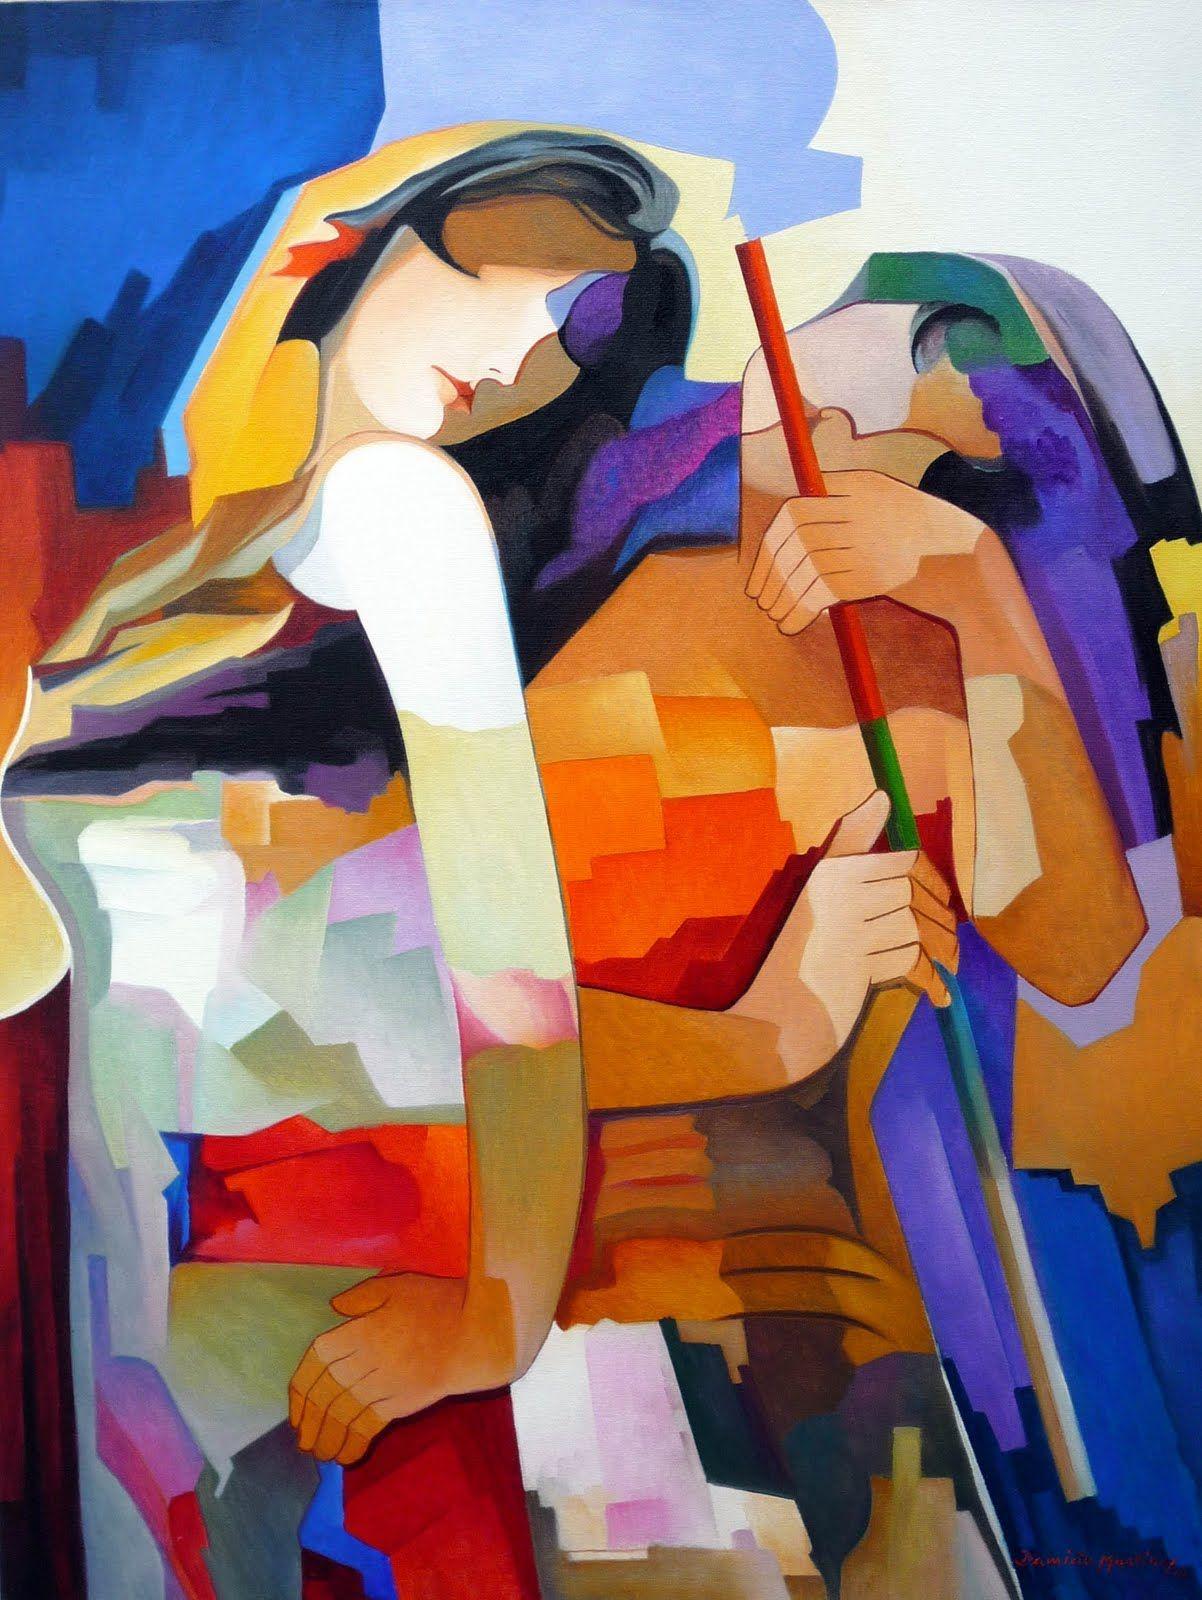 Damião Martins   painting   Pinterest   Artisti, Arte astratta and Arte